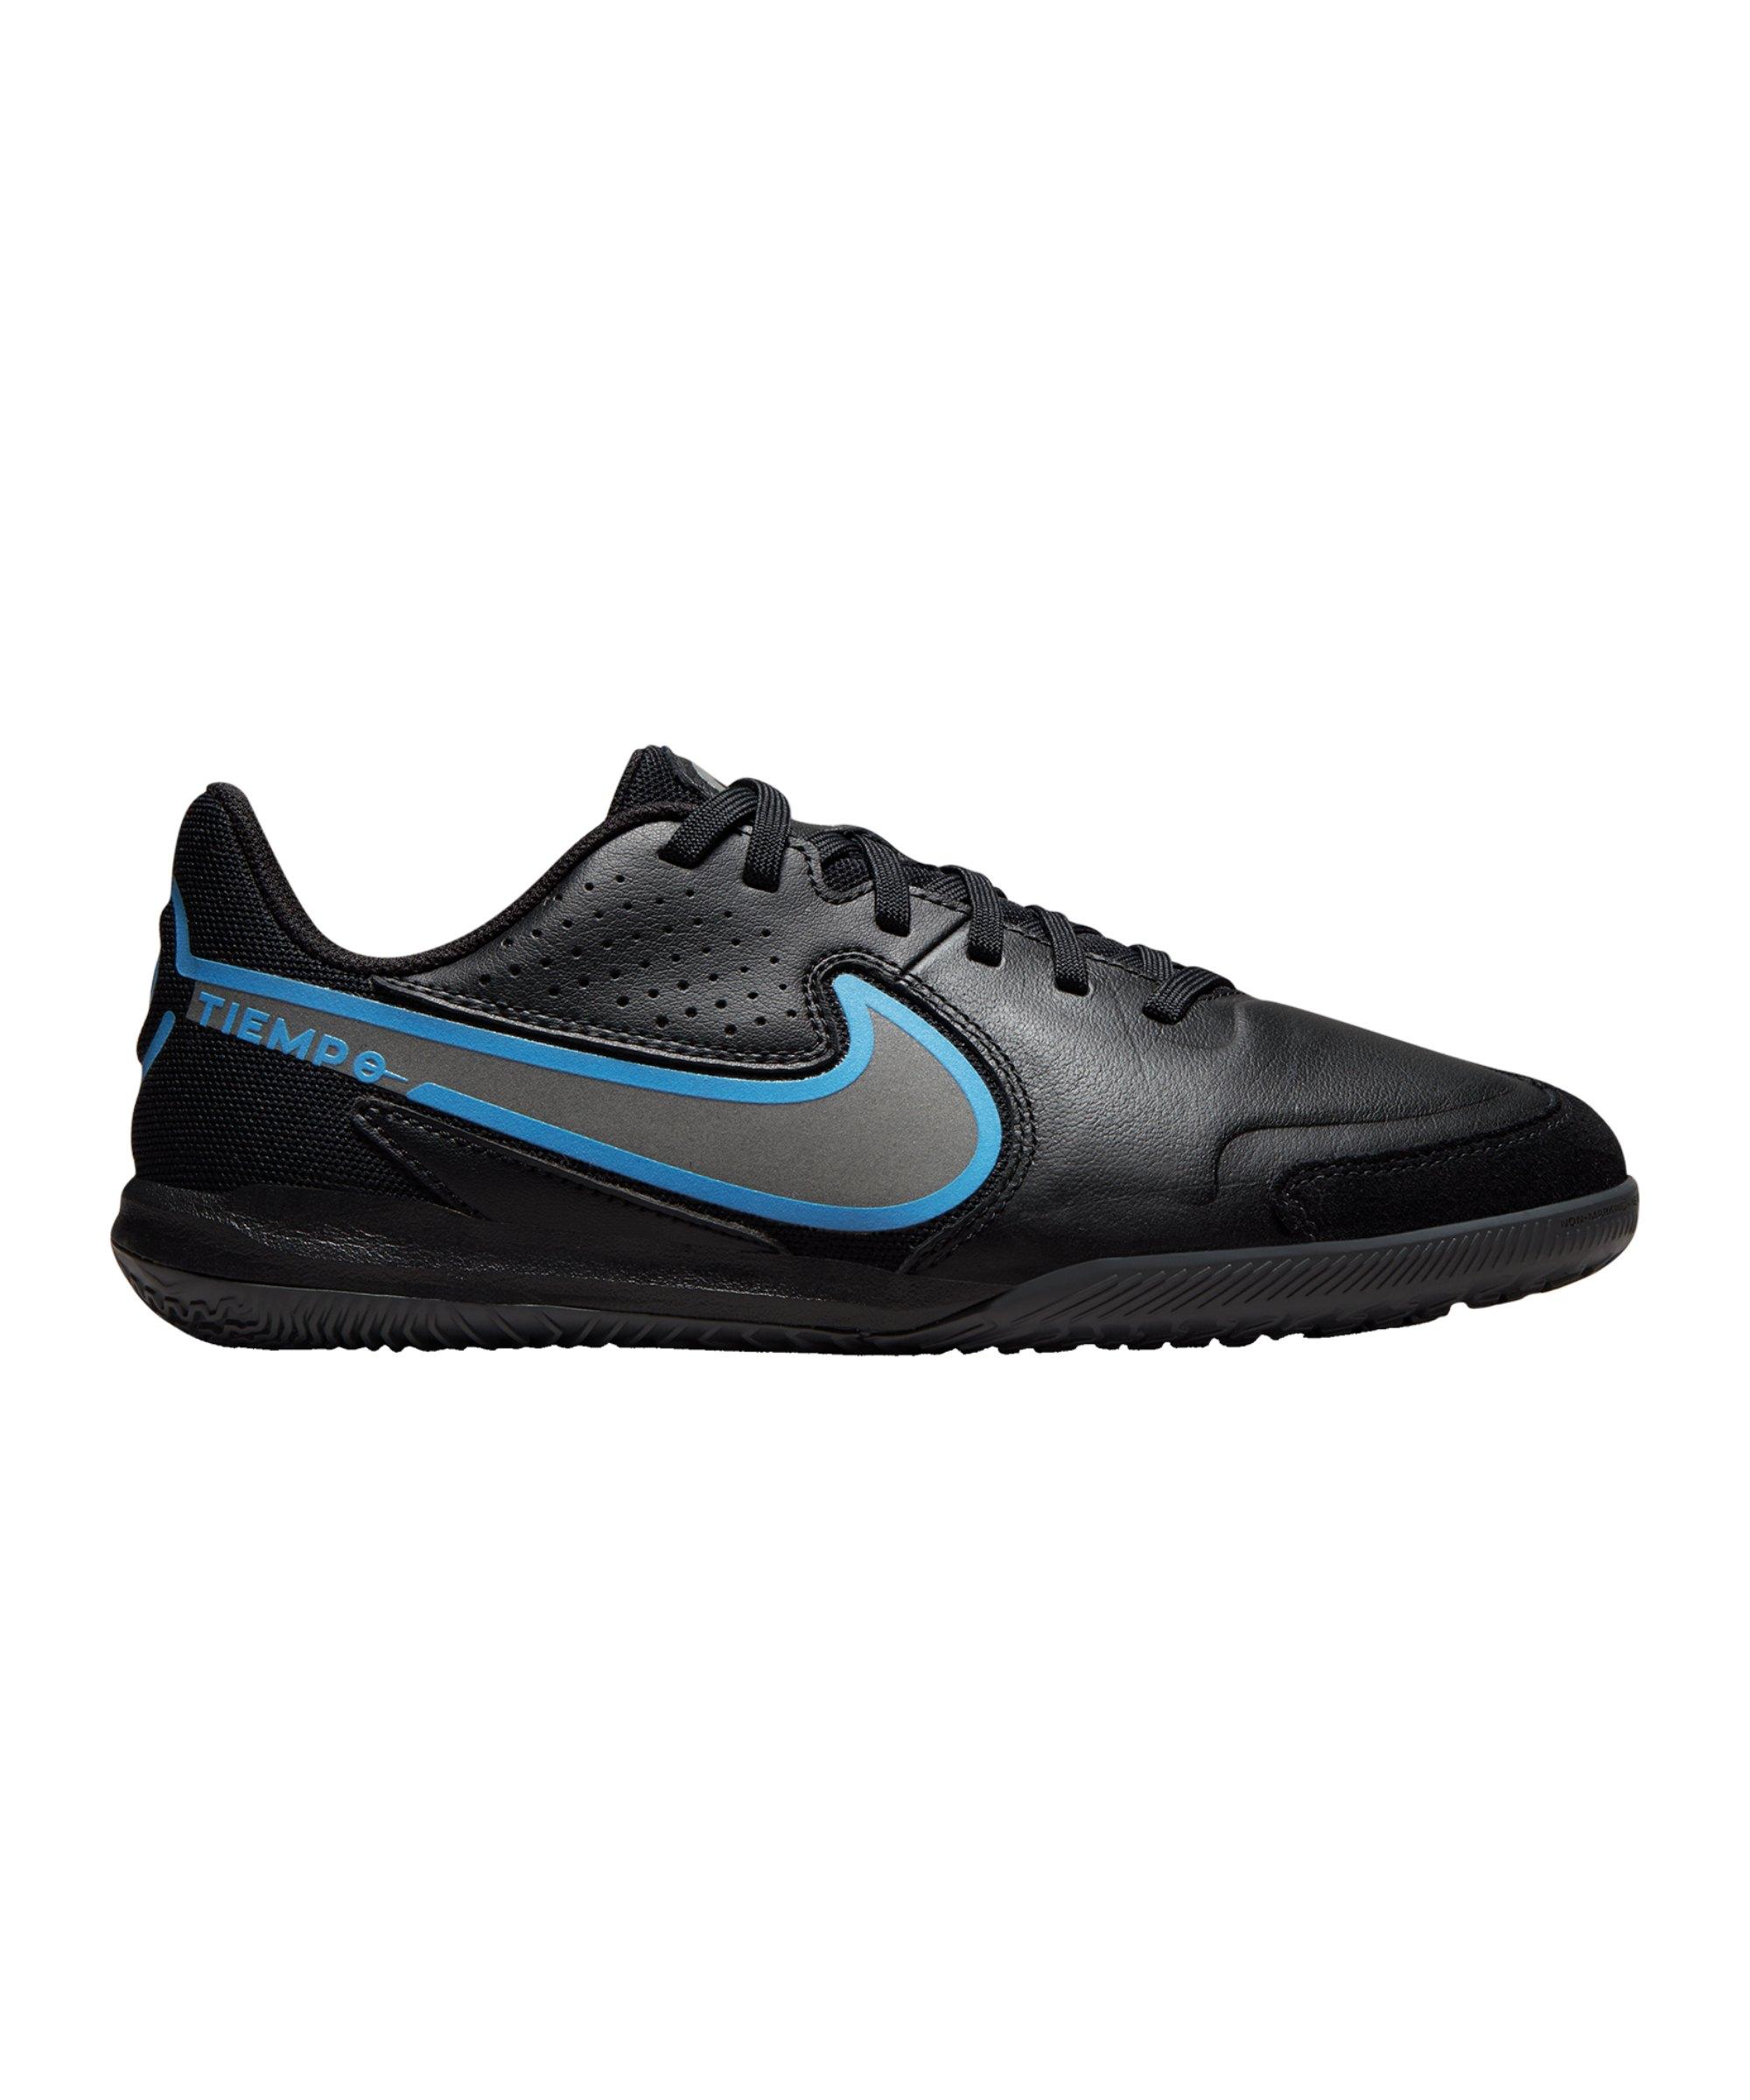 Nike Tiempo Legend IX Renew Academy IC Halle Kids Schwarz Blau F004 - schwarz